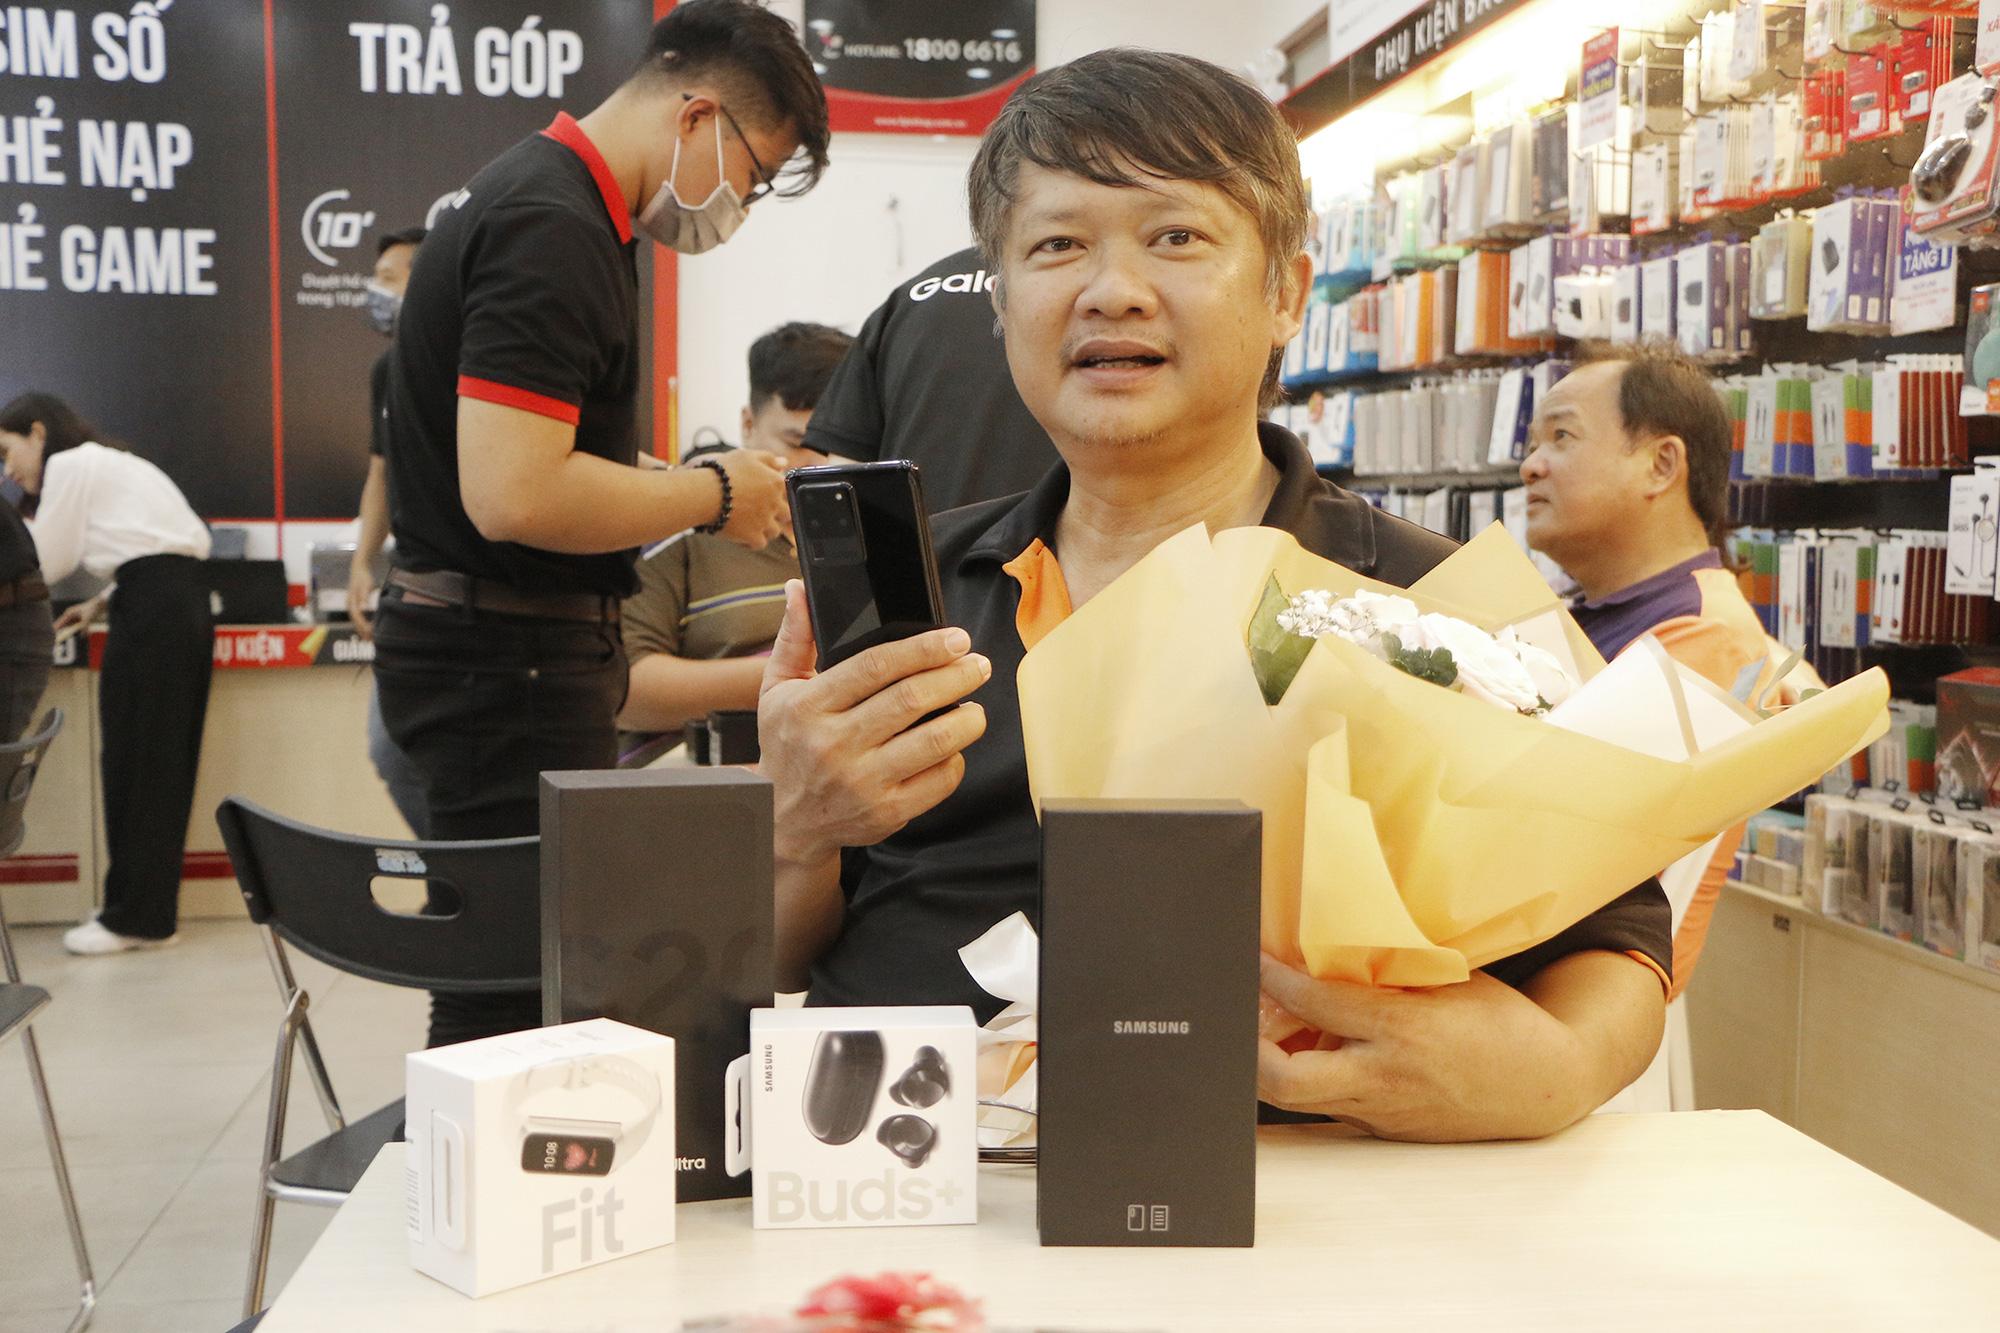 FPT Shop nhộn nhịp trong ngày mở bán Galaxy S20 - Ảnh 2.